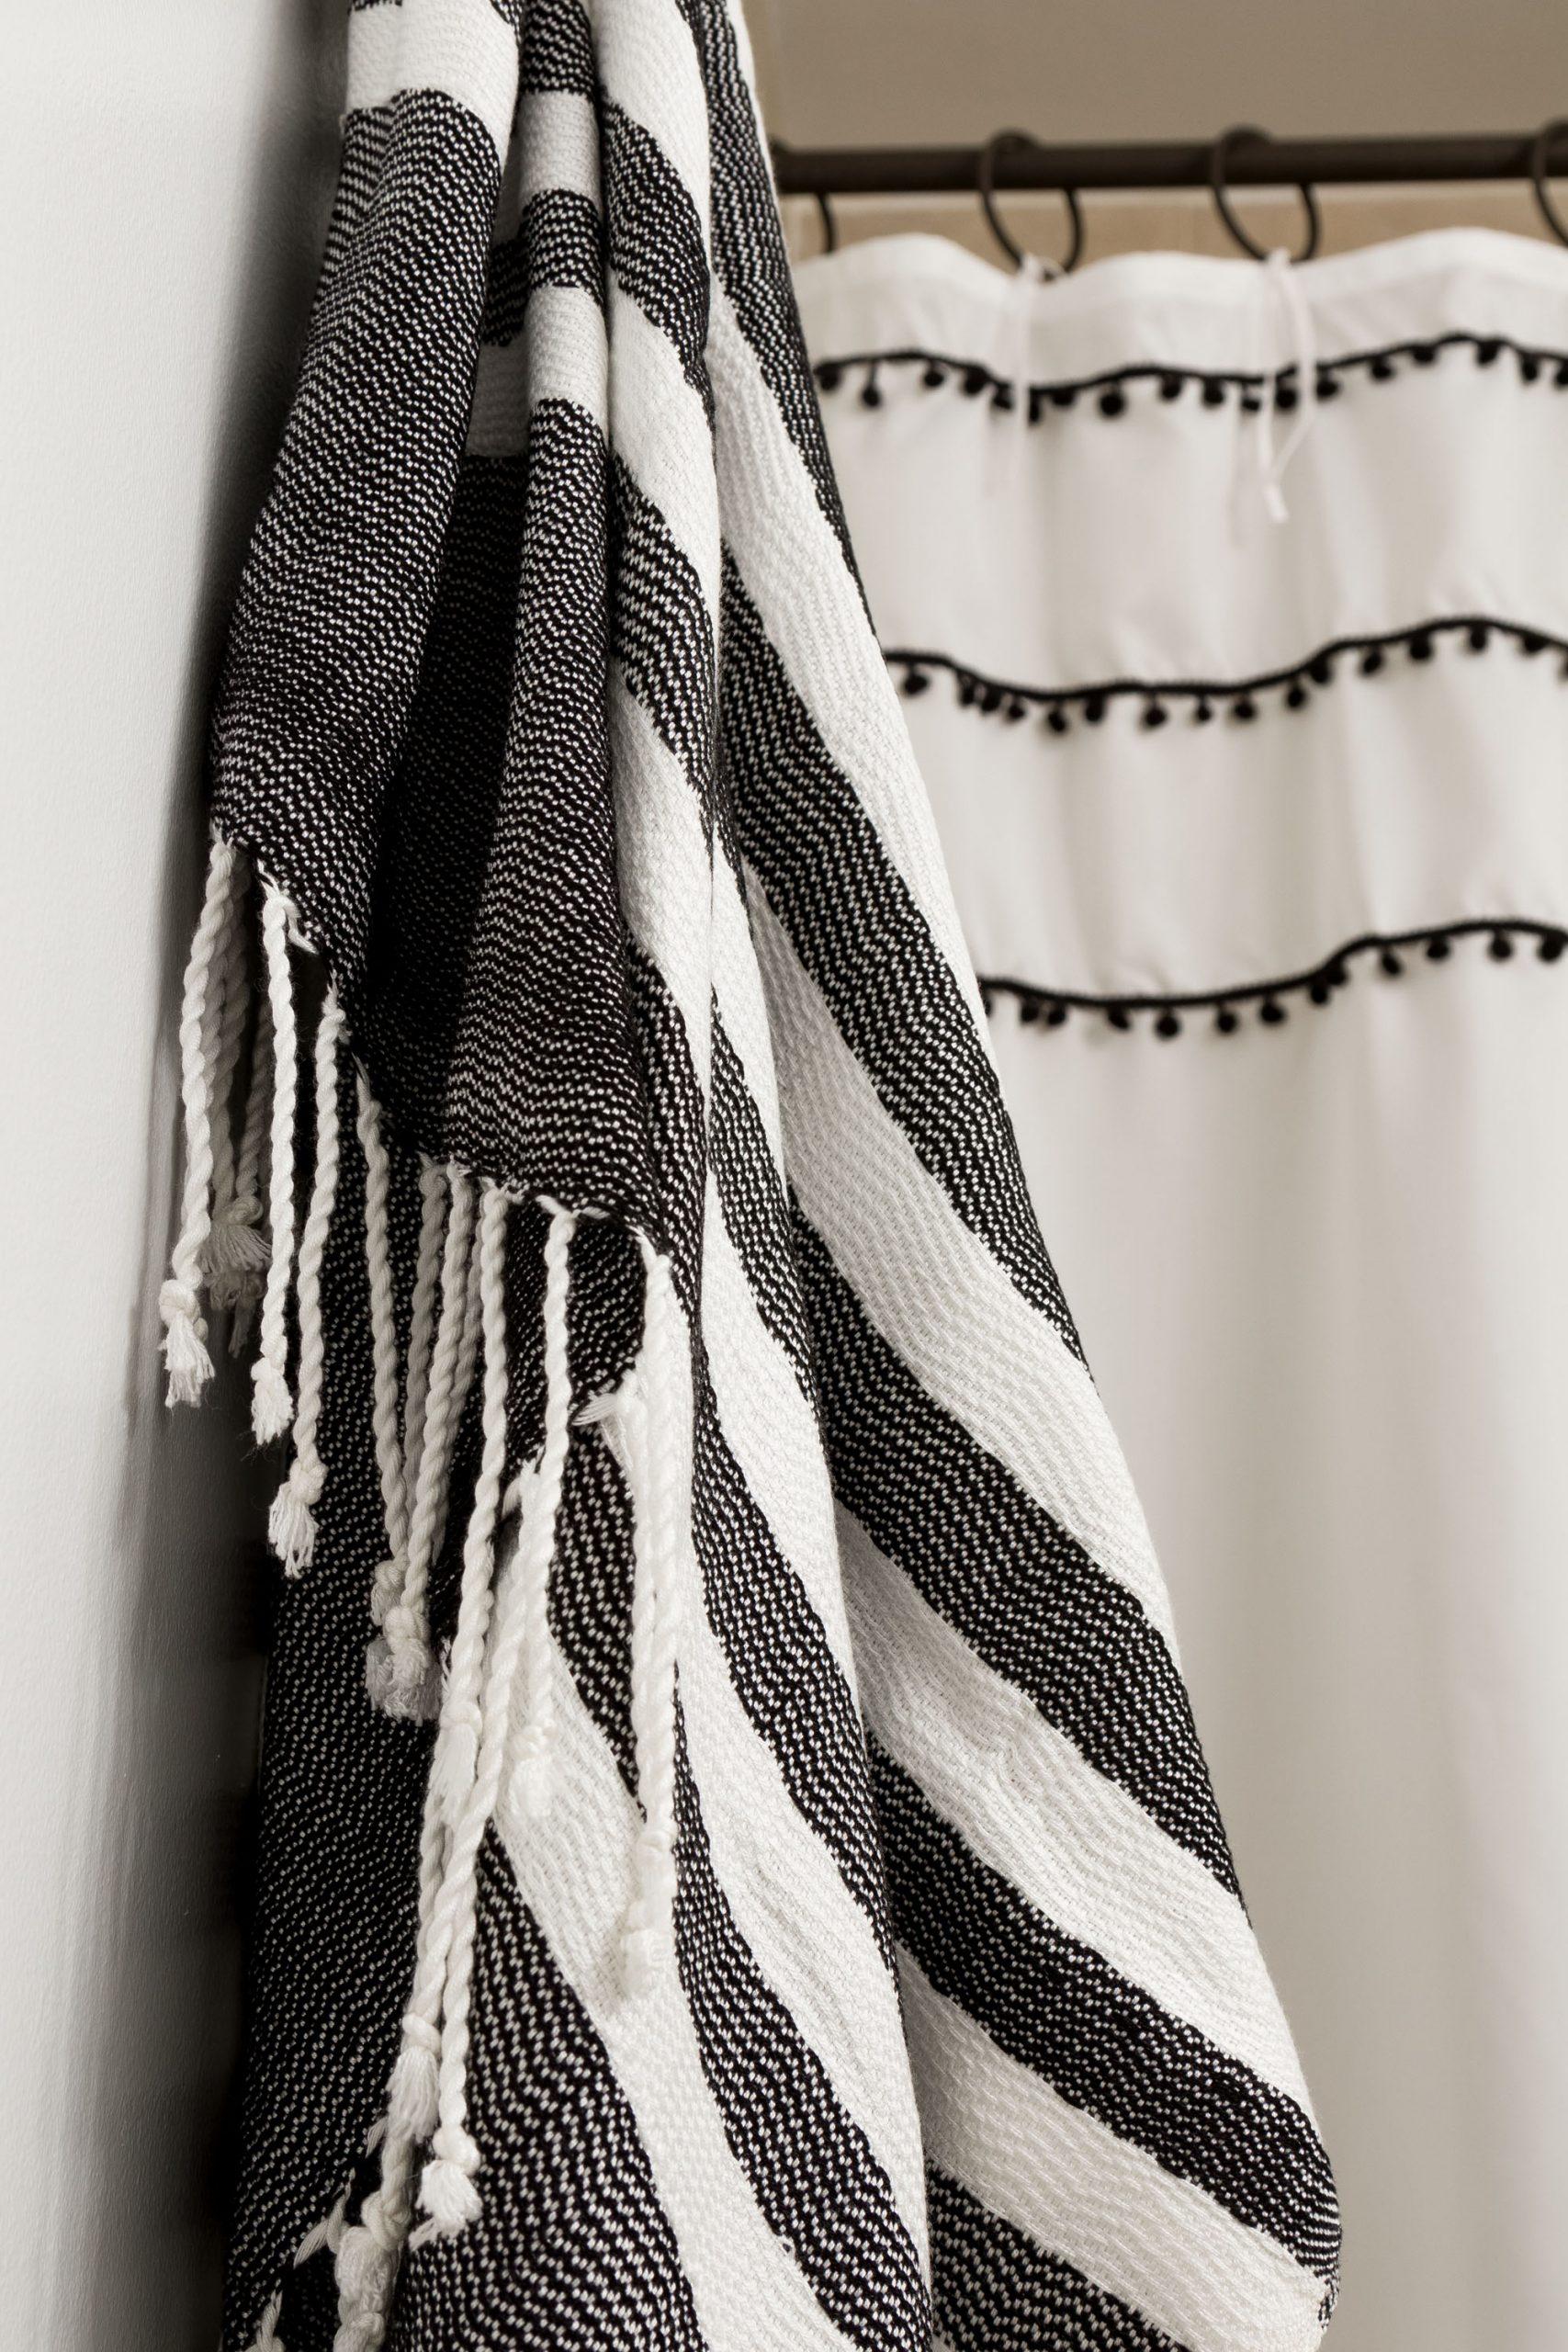 turkish towels boho style shower